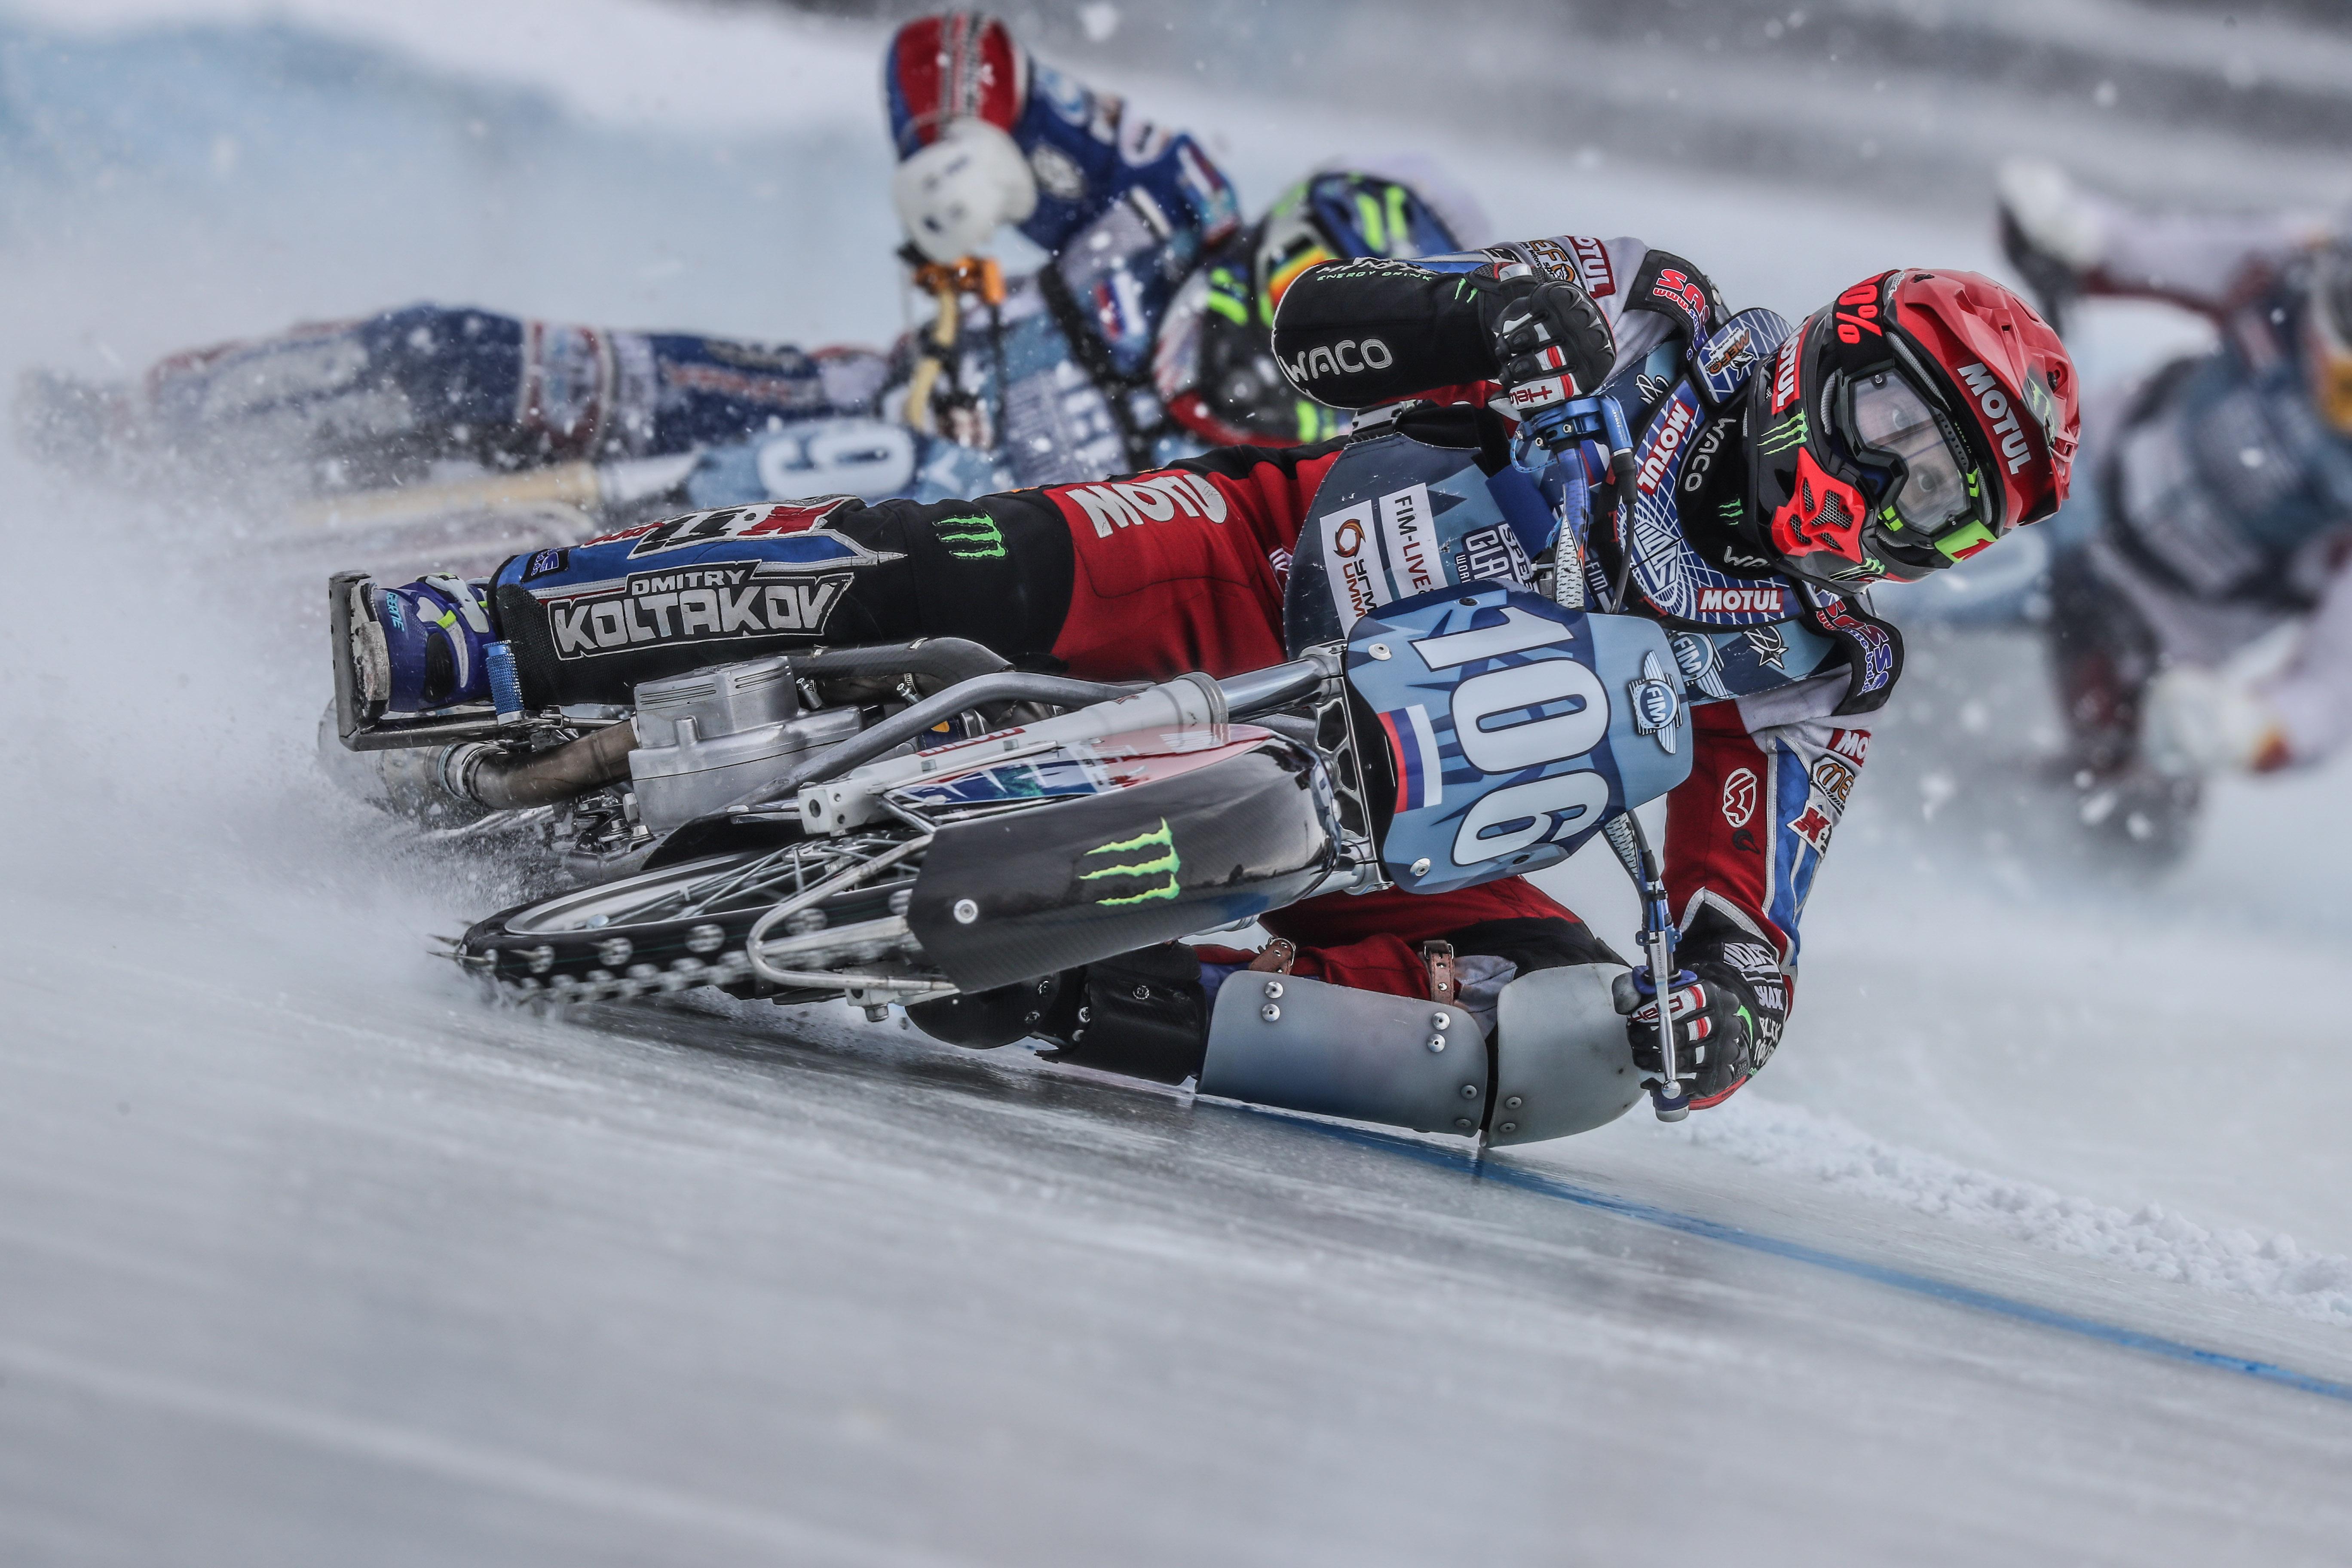 FIM Ice Speedway World Championship